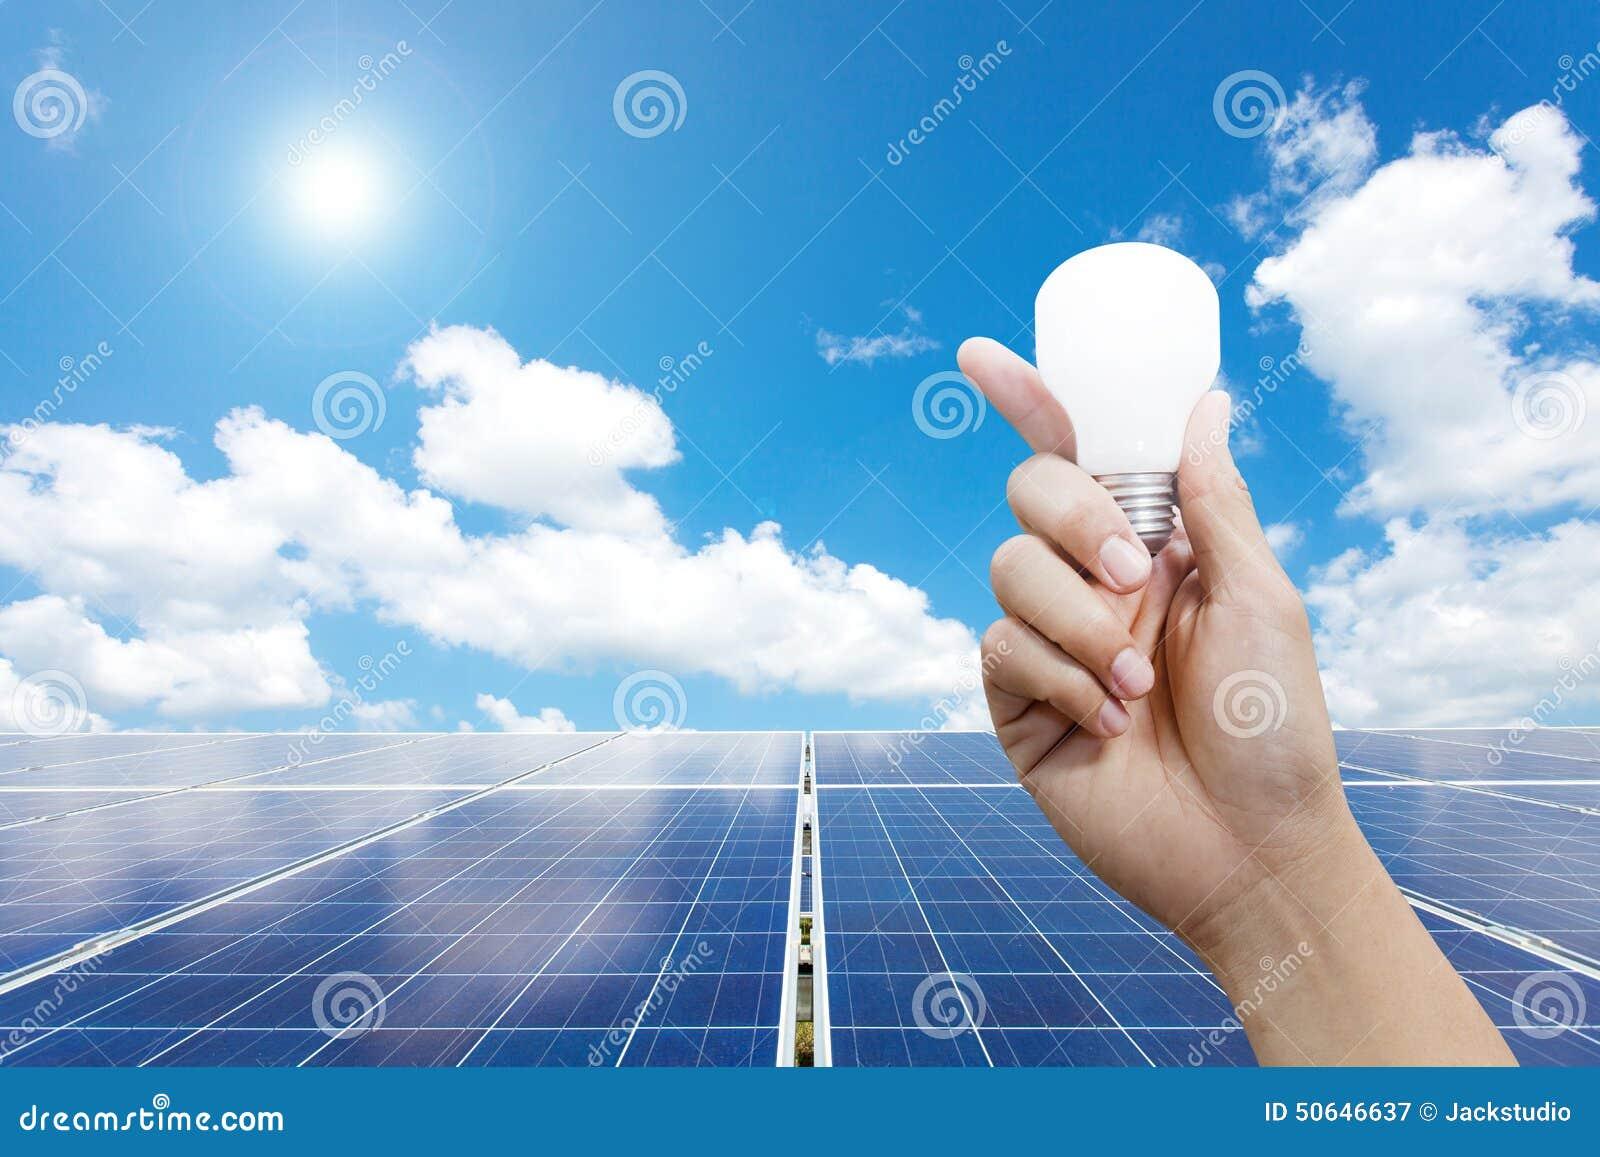 Pannelli a energia solare e lampadina a disposizione, energia